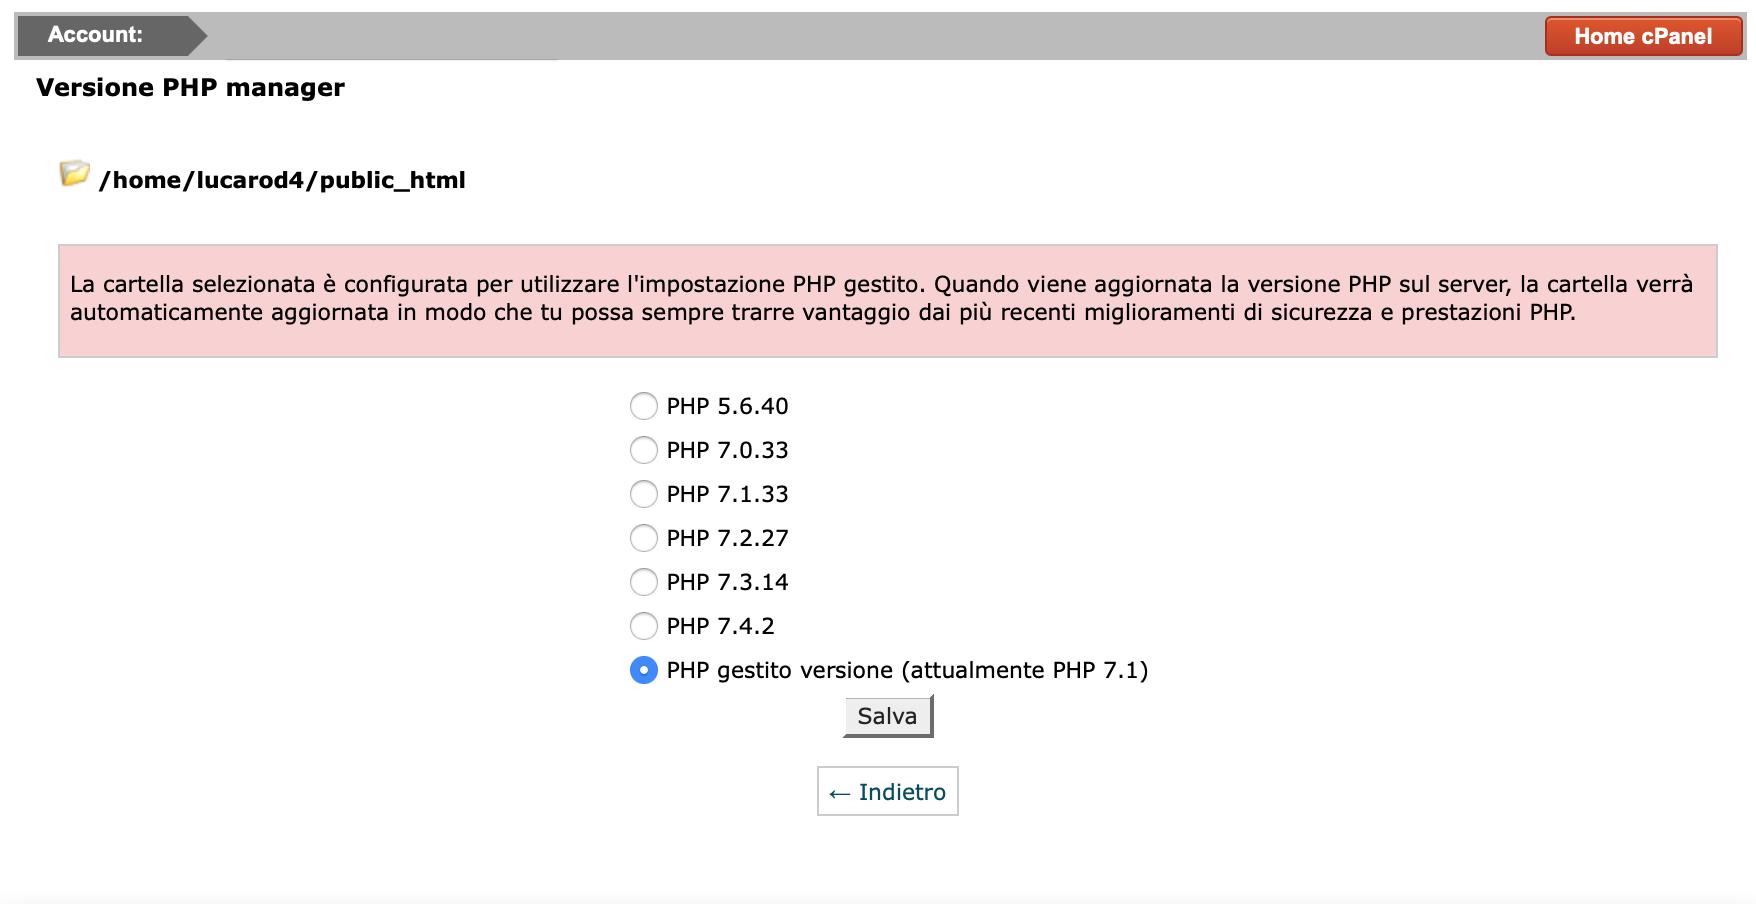 PHP gestito cPanel